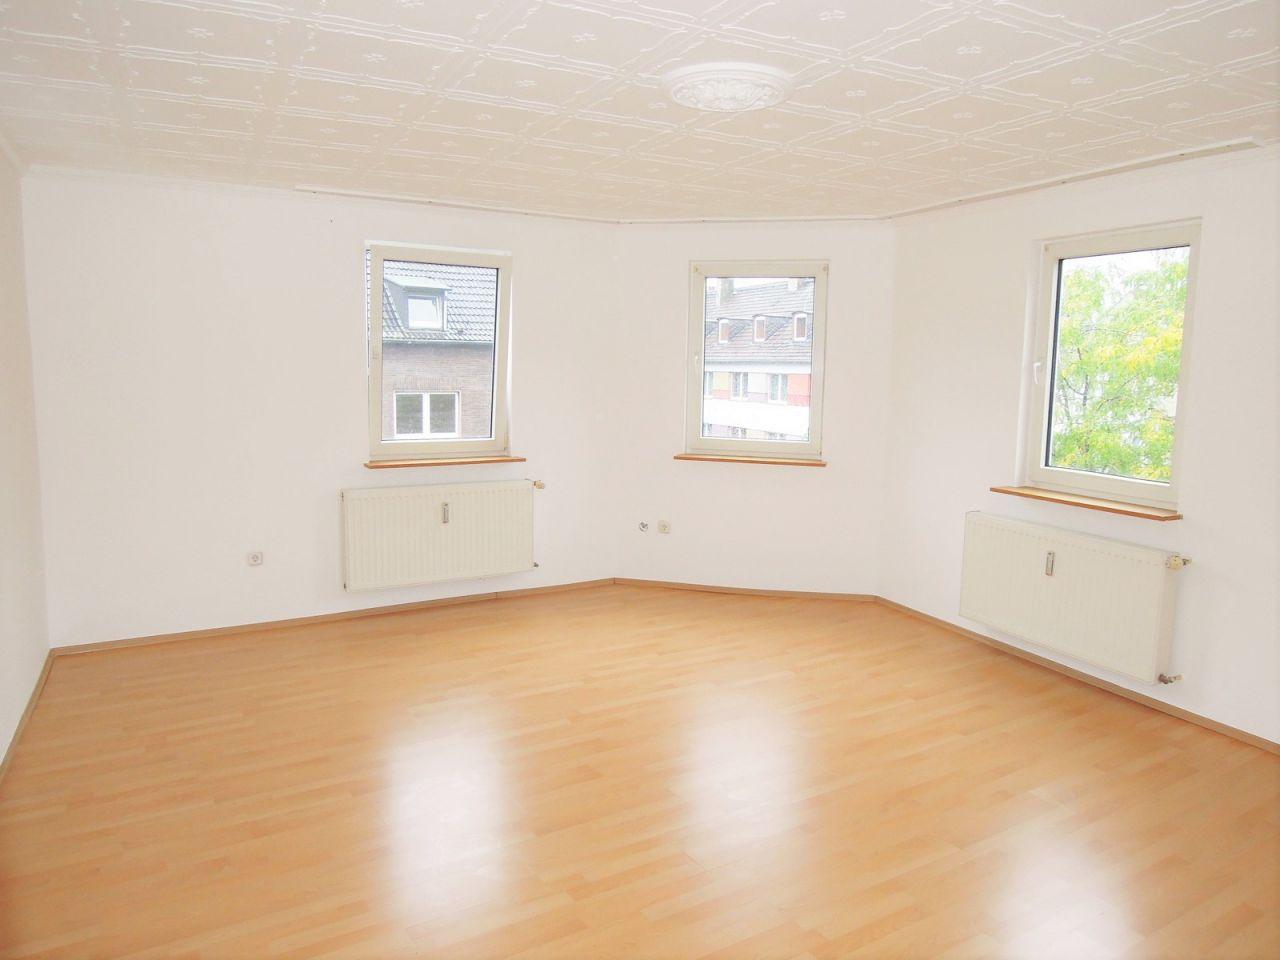 Квартира в земле Северный Рейн-Вестфалия, Германия, 117 м2 - фото 1